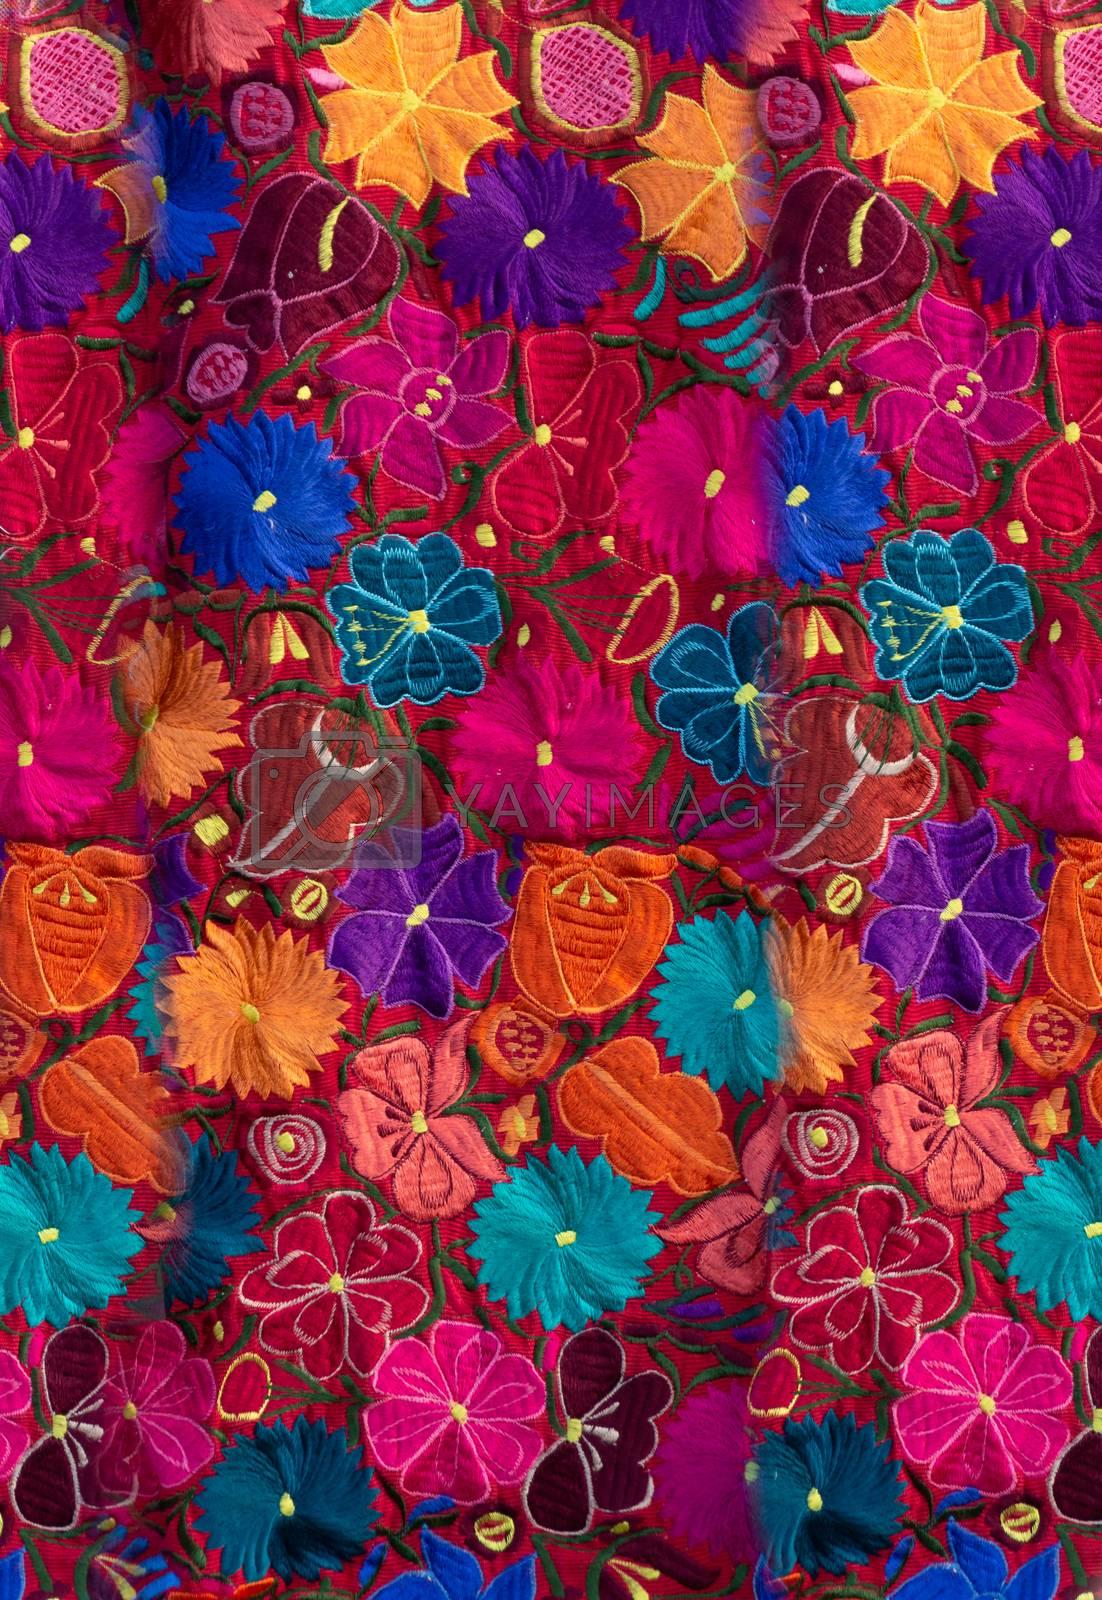 Oaxaca, Oaxaca / Mexico - 21/7/2018: (Traditional indigenous fabric from Oaxaca Mexico)